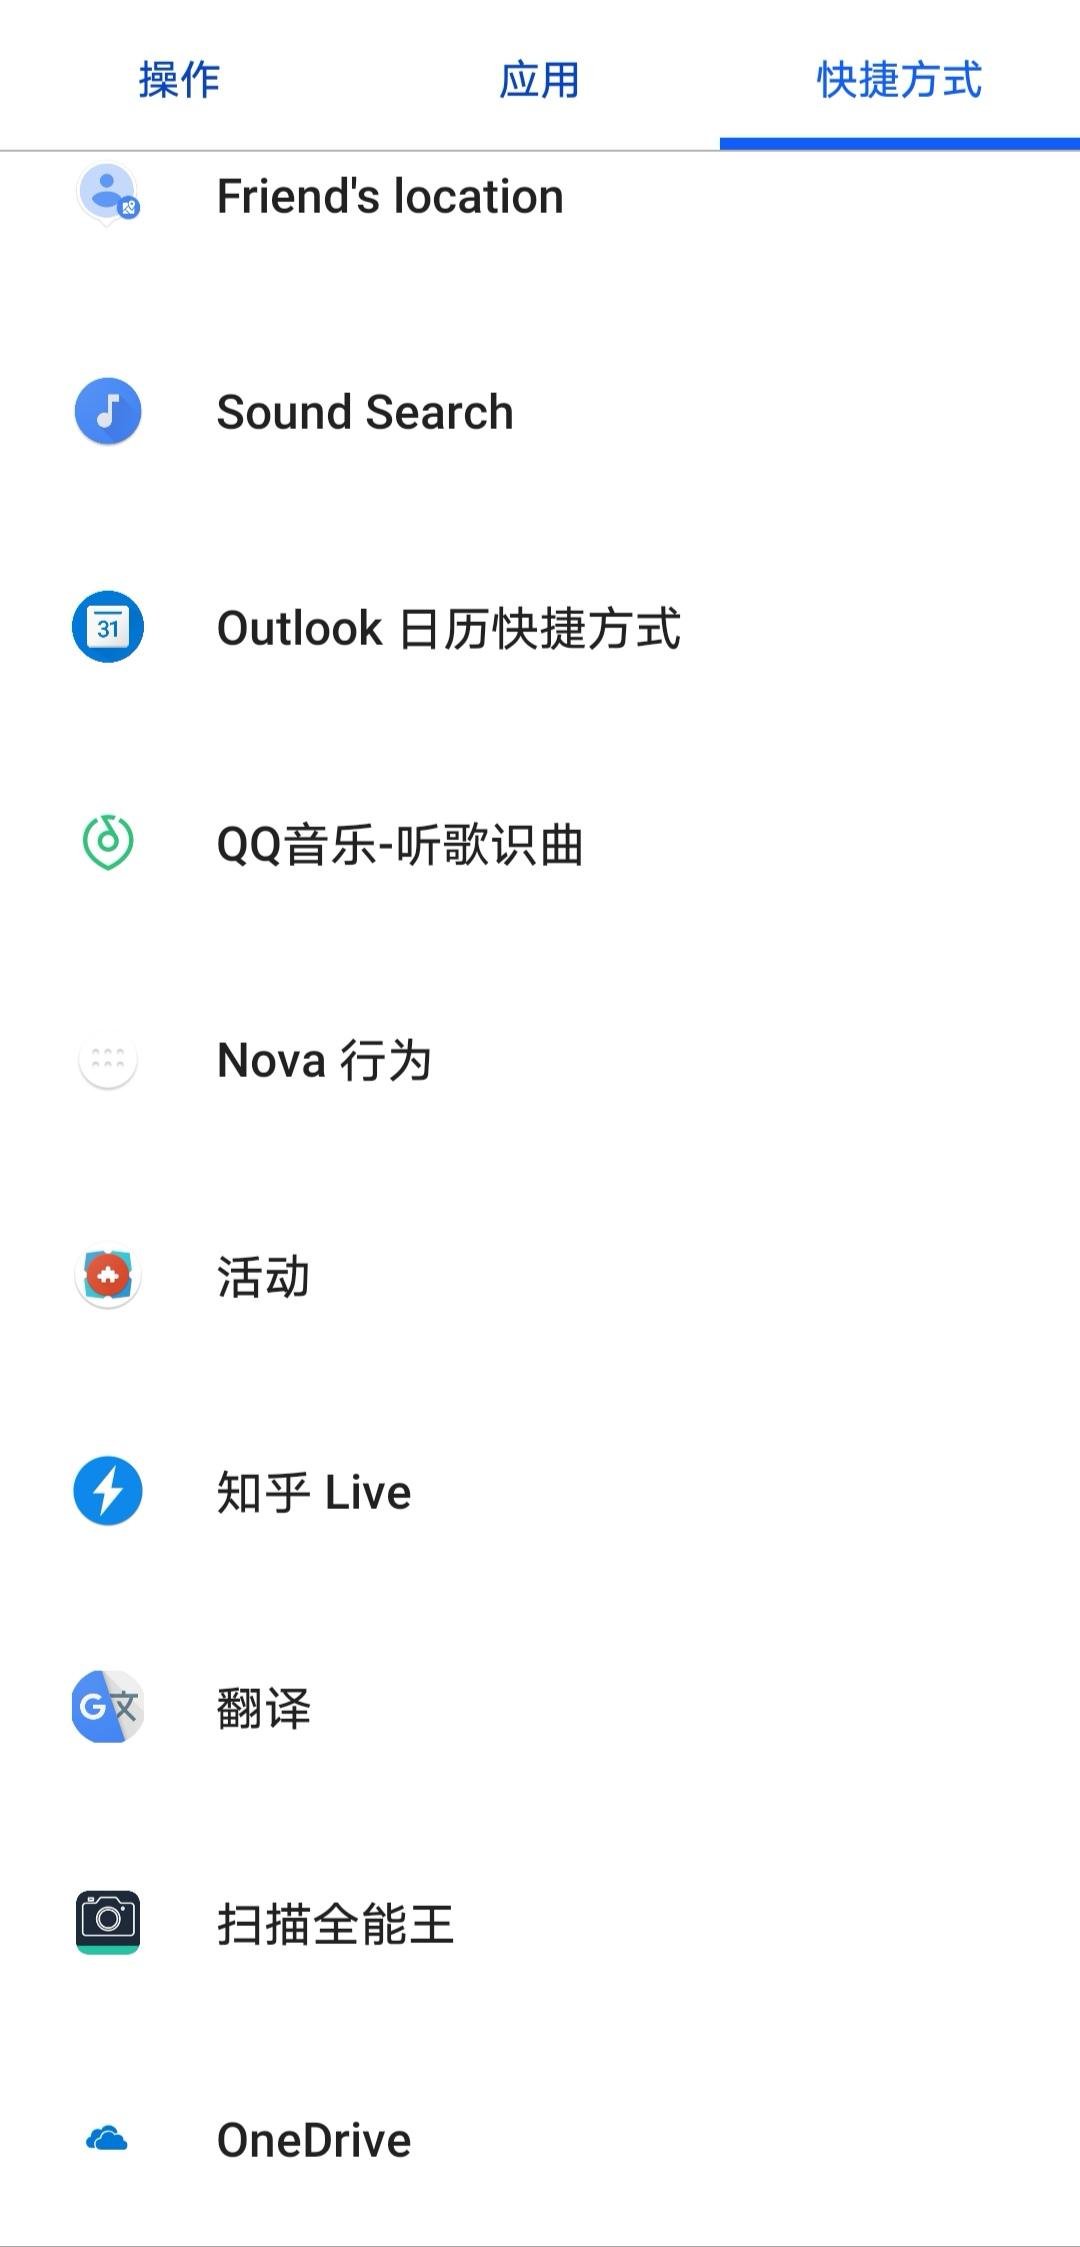 Screenshot_20181115_212812.jpg